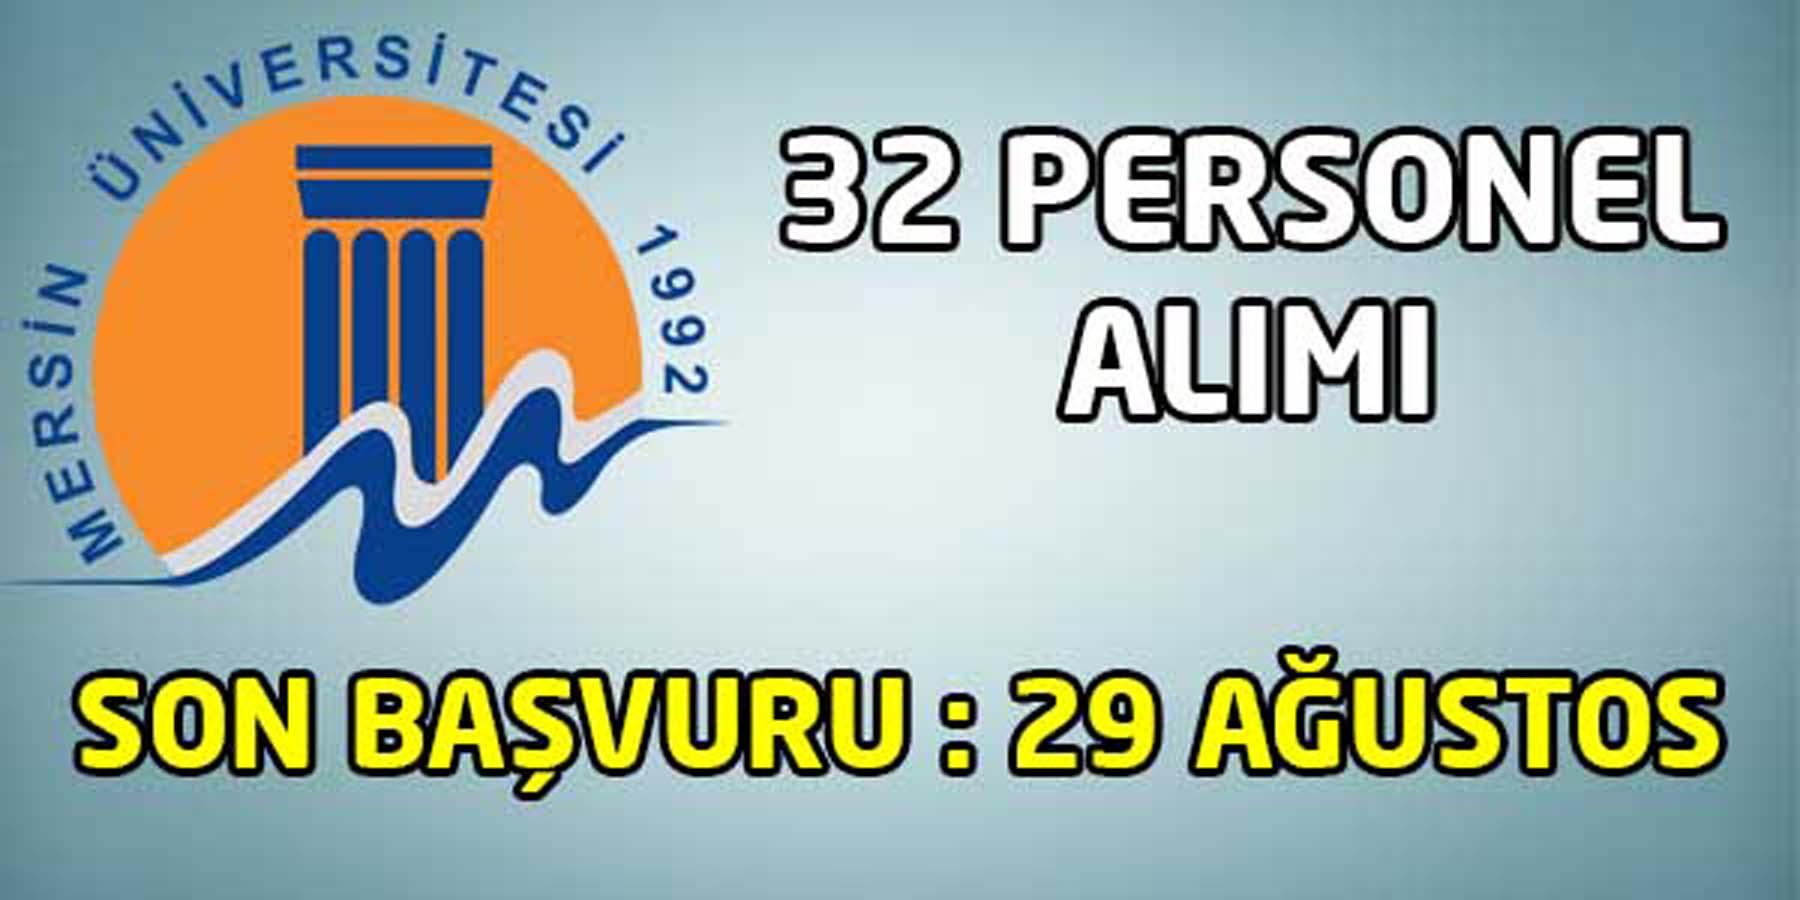 Mersin Üniversitesi 32 Personel Alımı